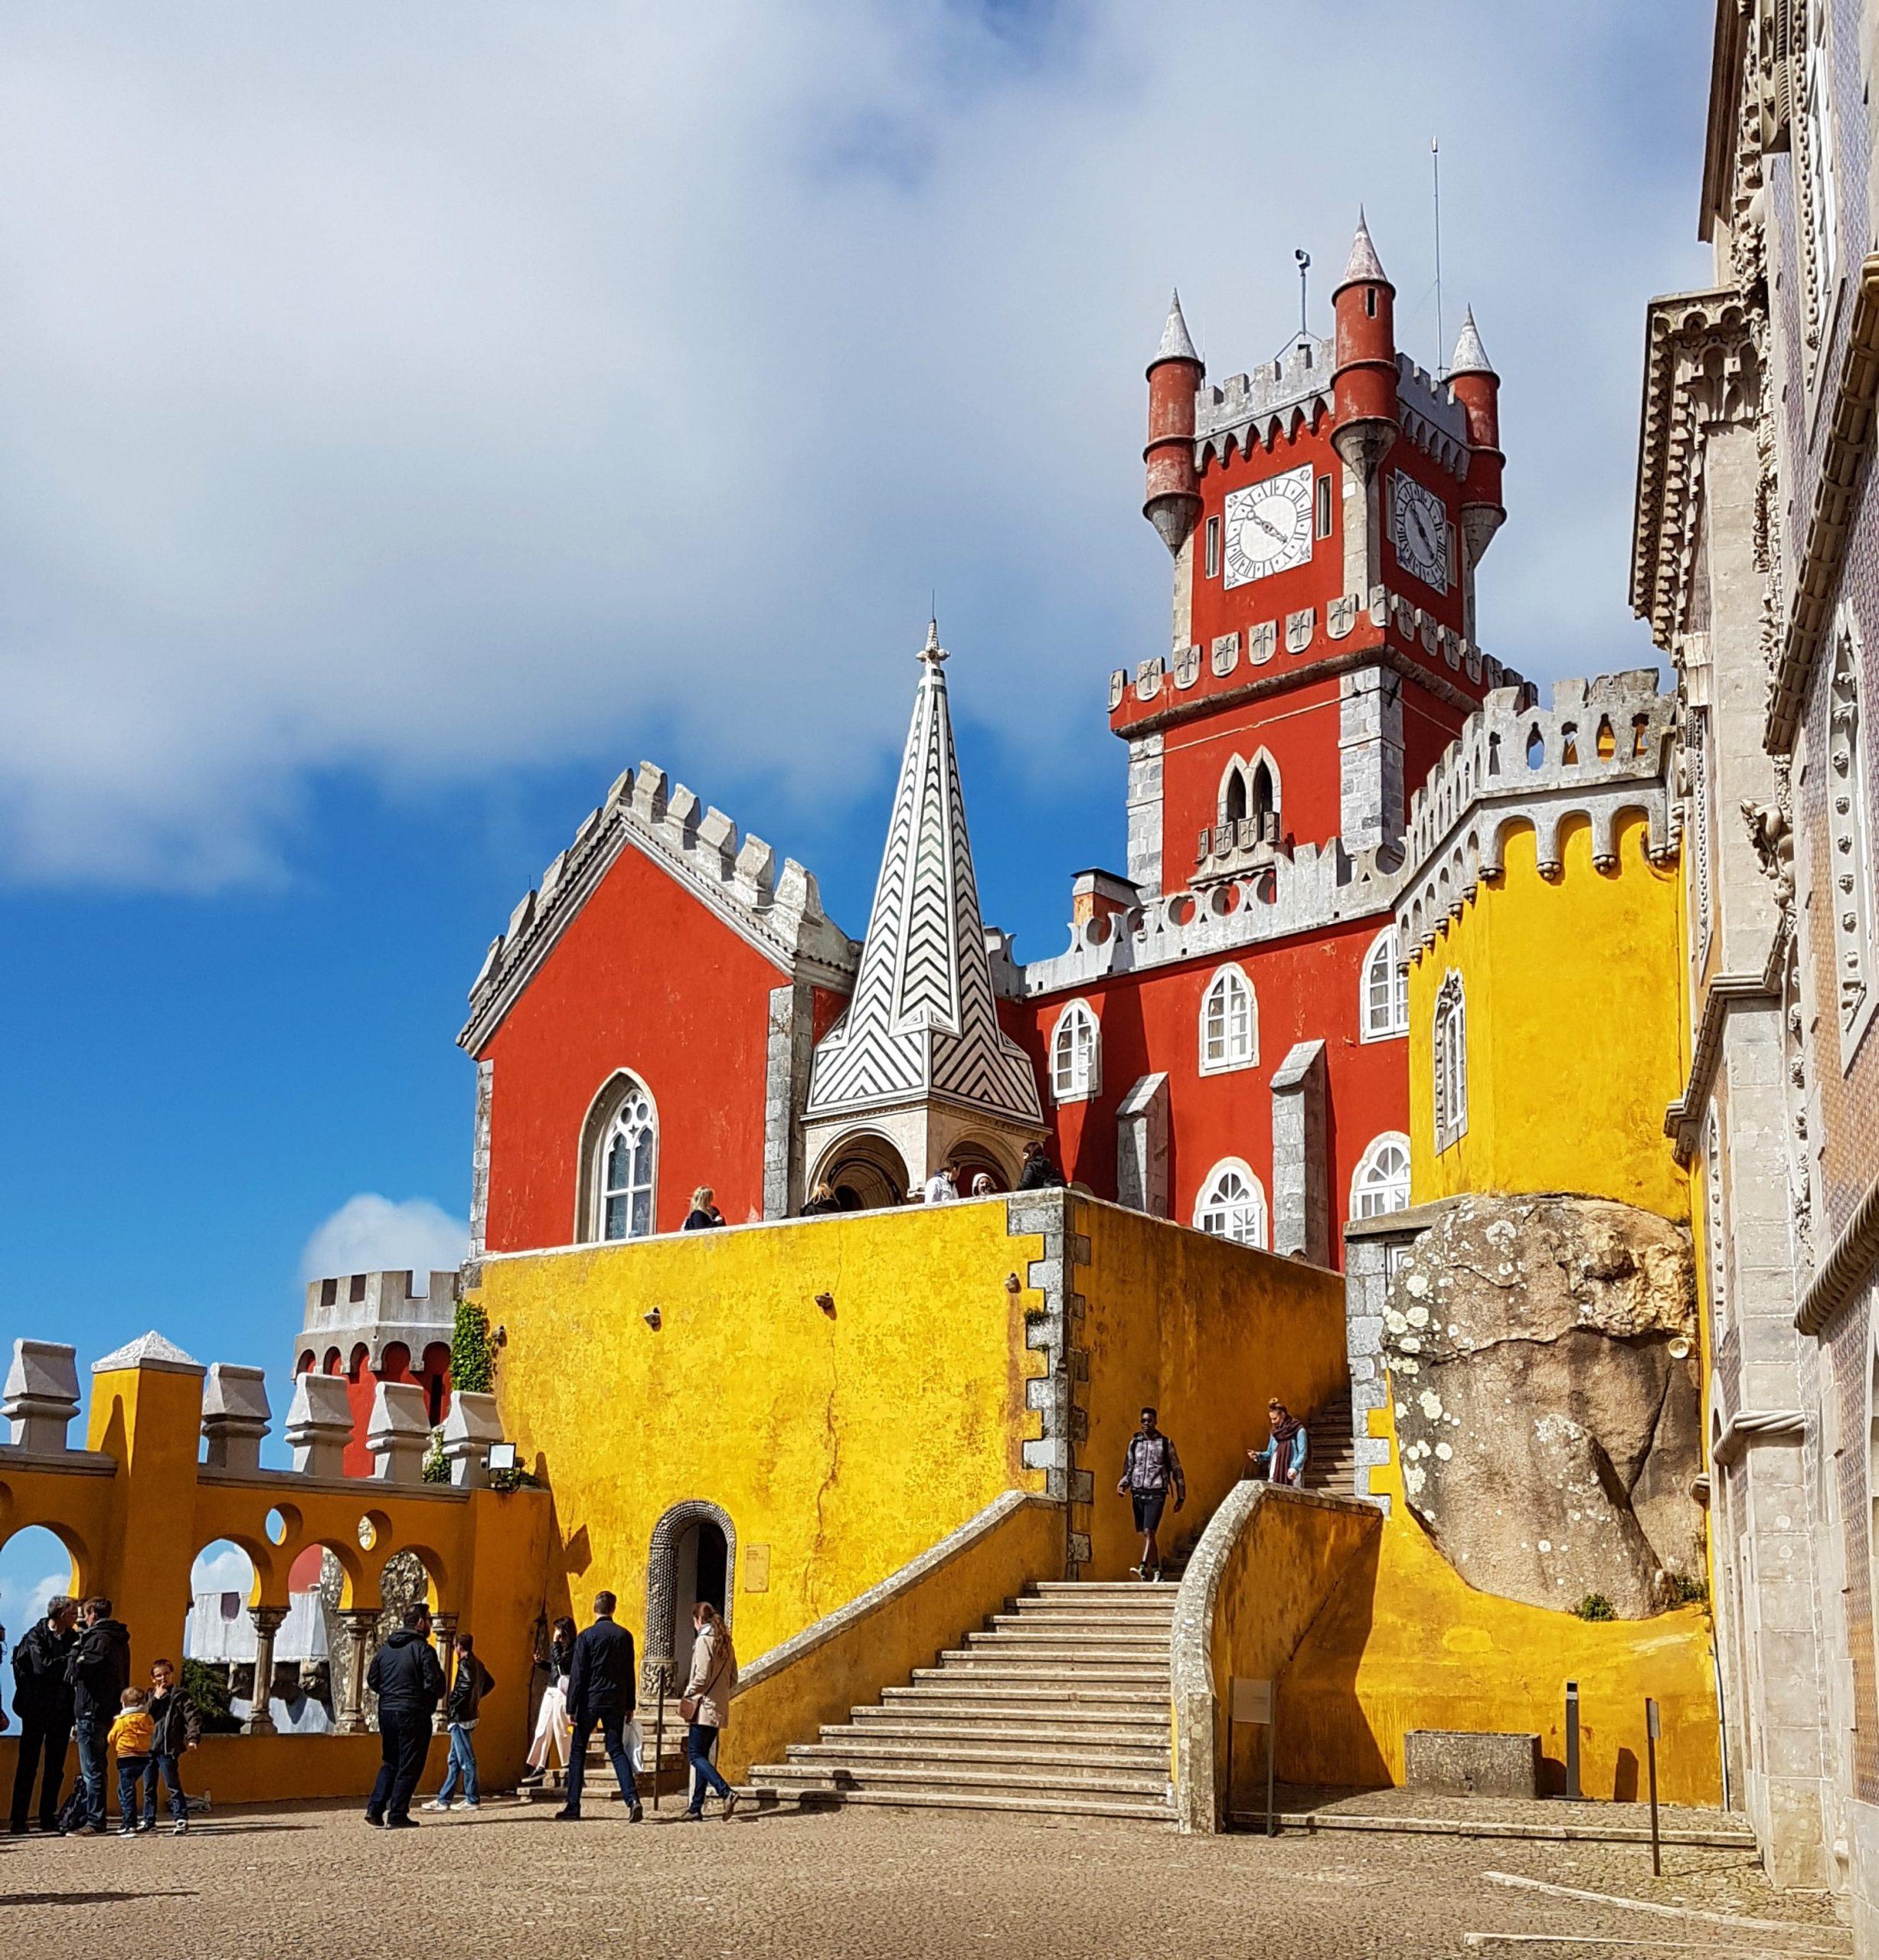 Fachada roja y amarilla del exterior del Palacio de la Pena